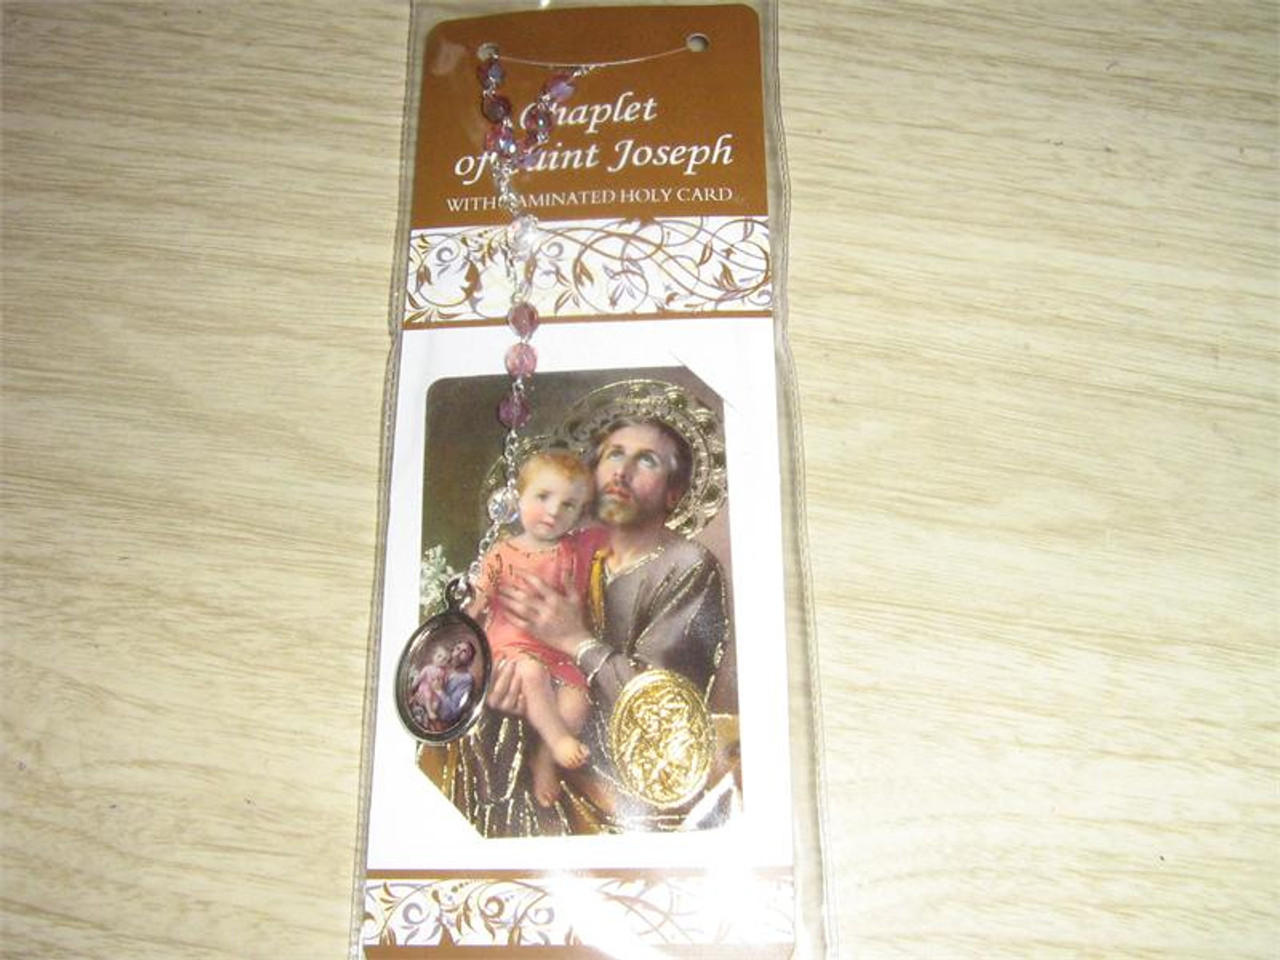 Chaplet of St. Joseph